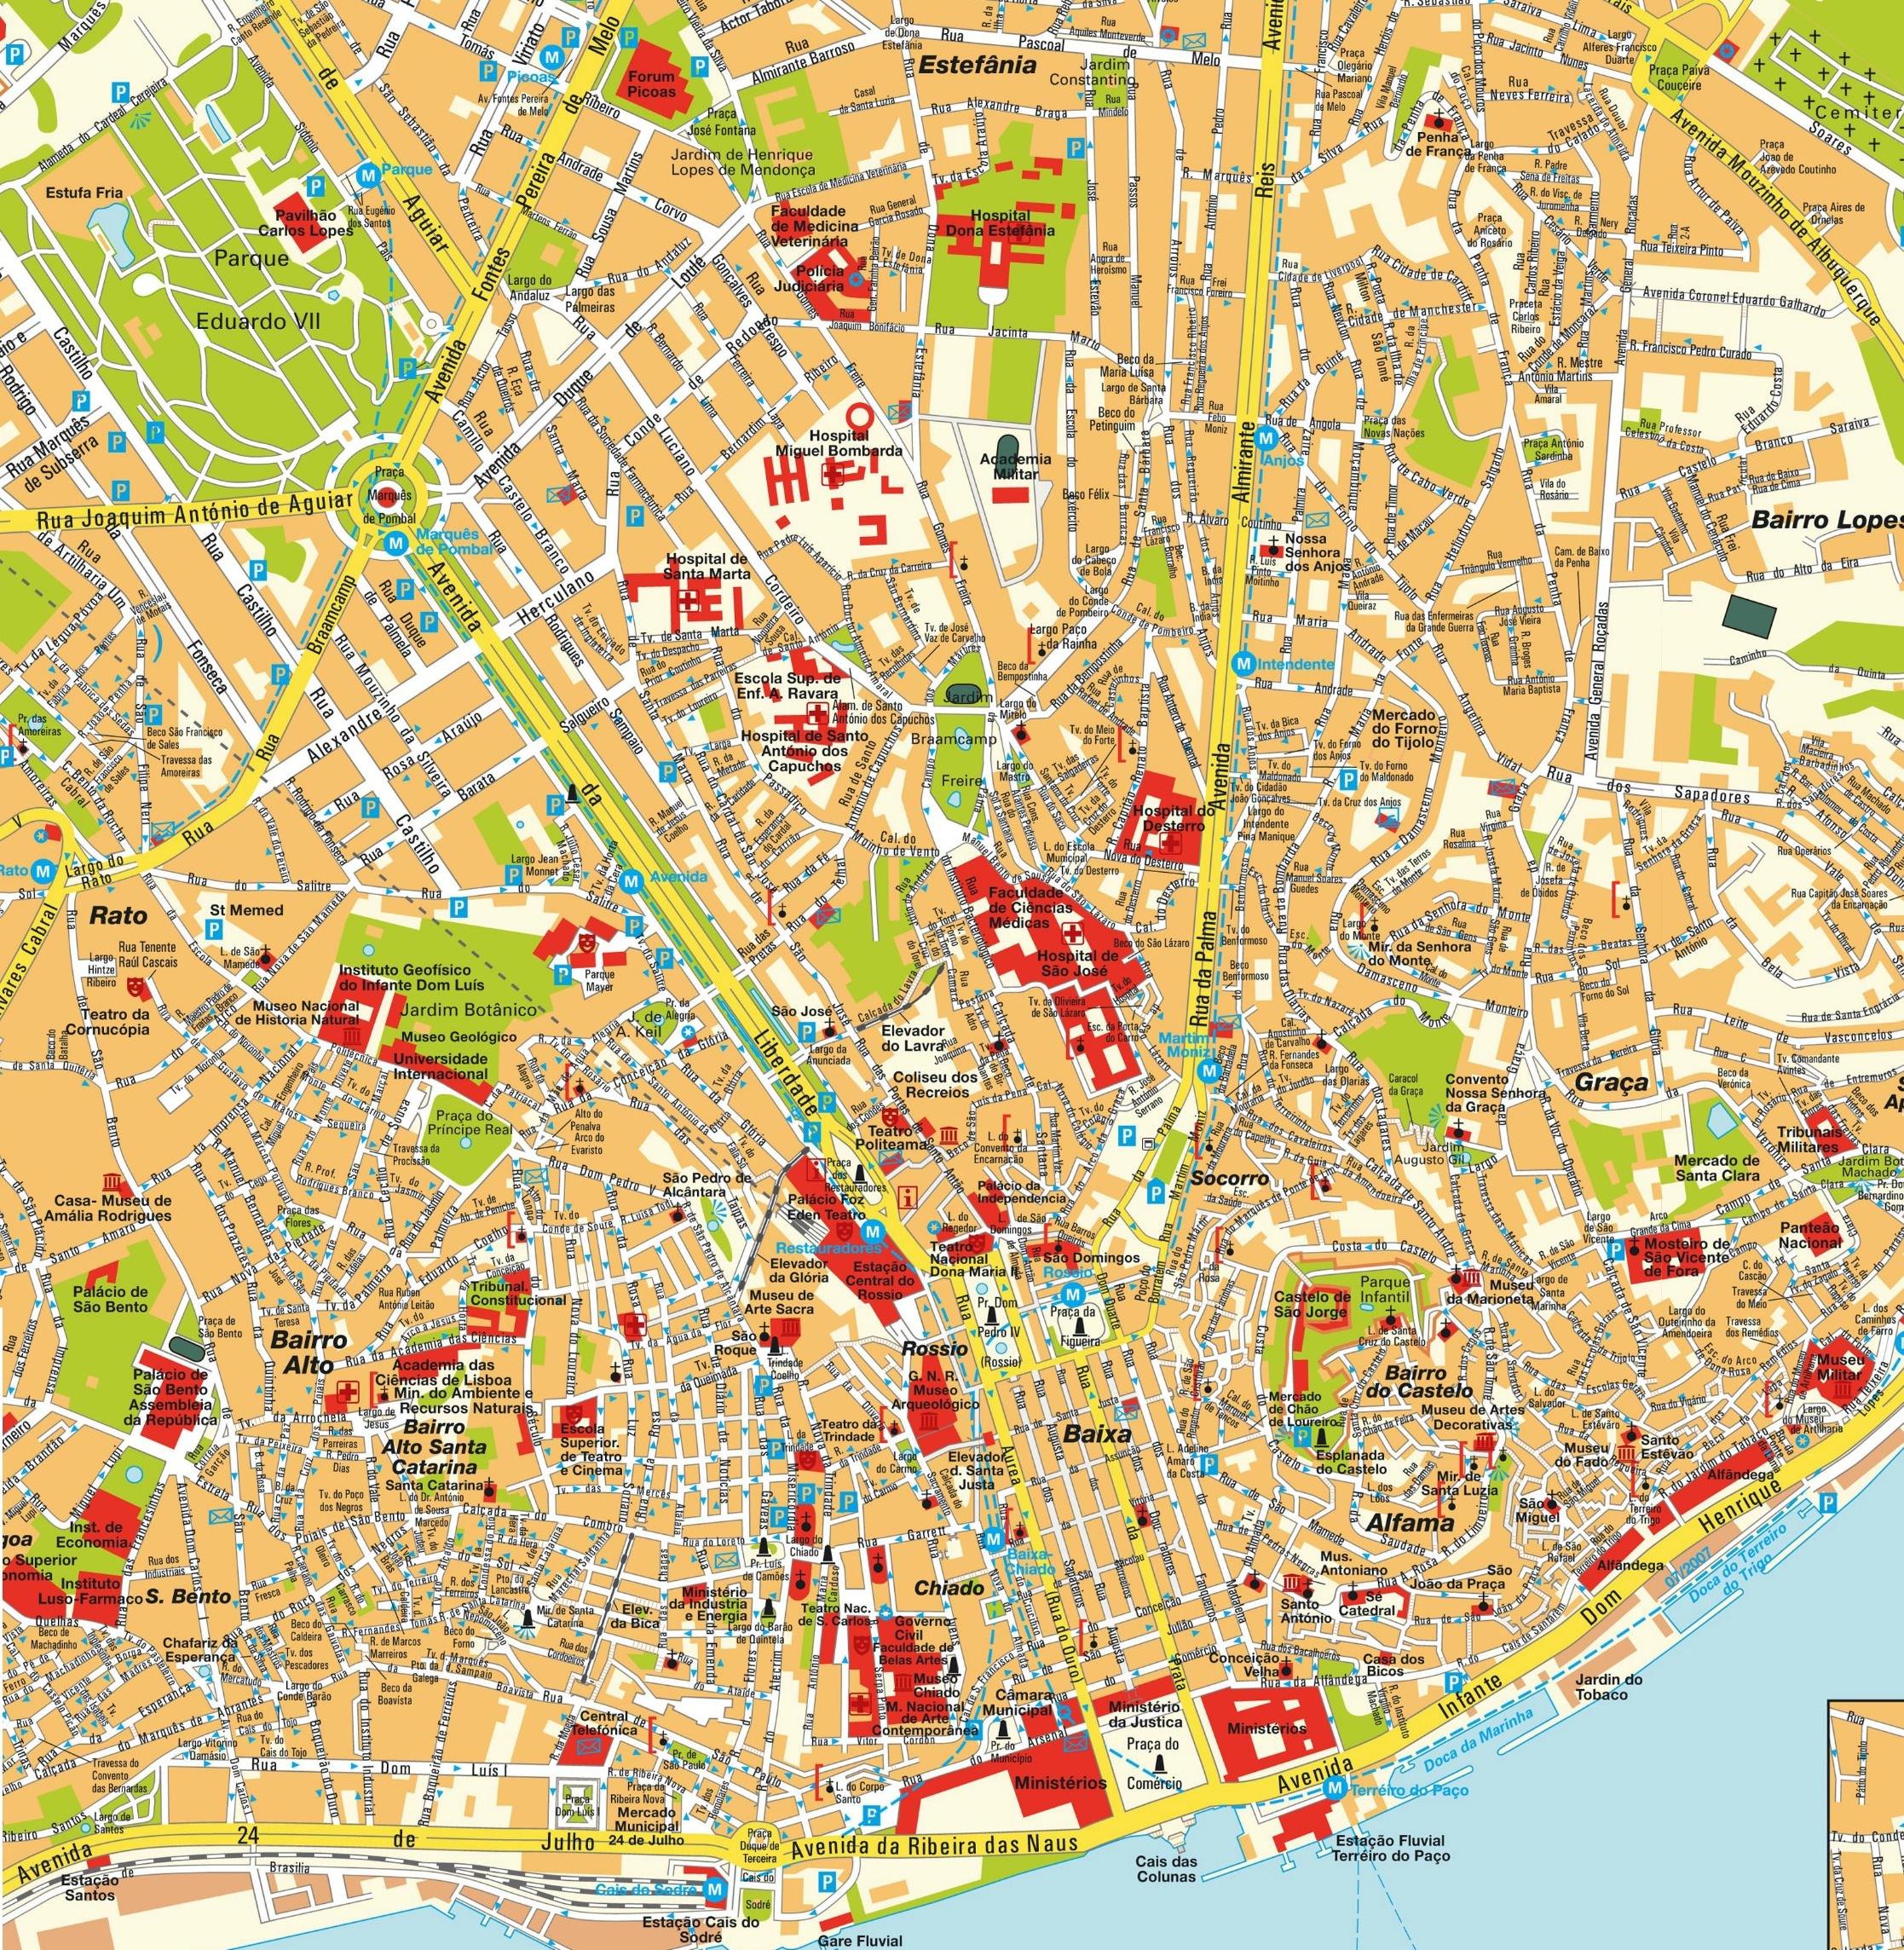 Carte de lisbonne plan touristique week end lisbonne for Carte touristique